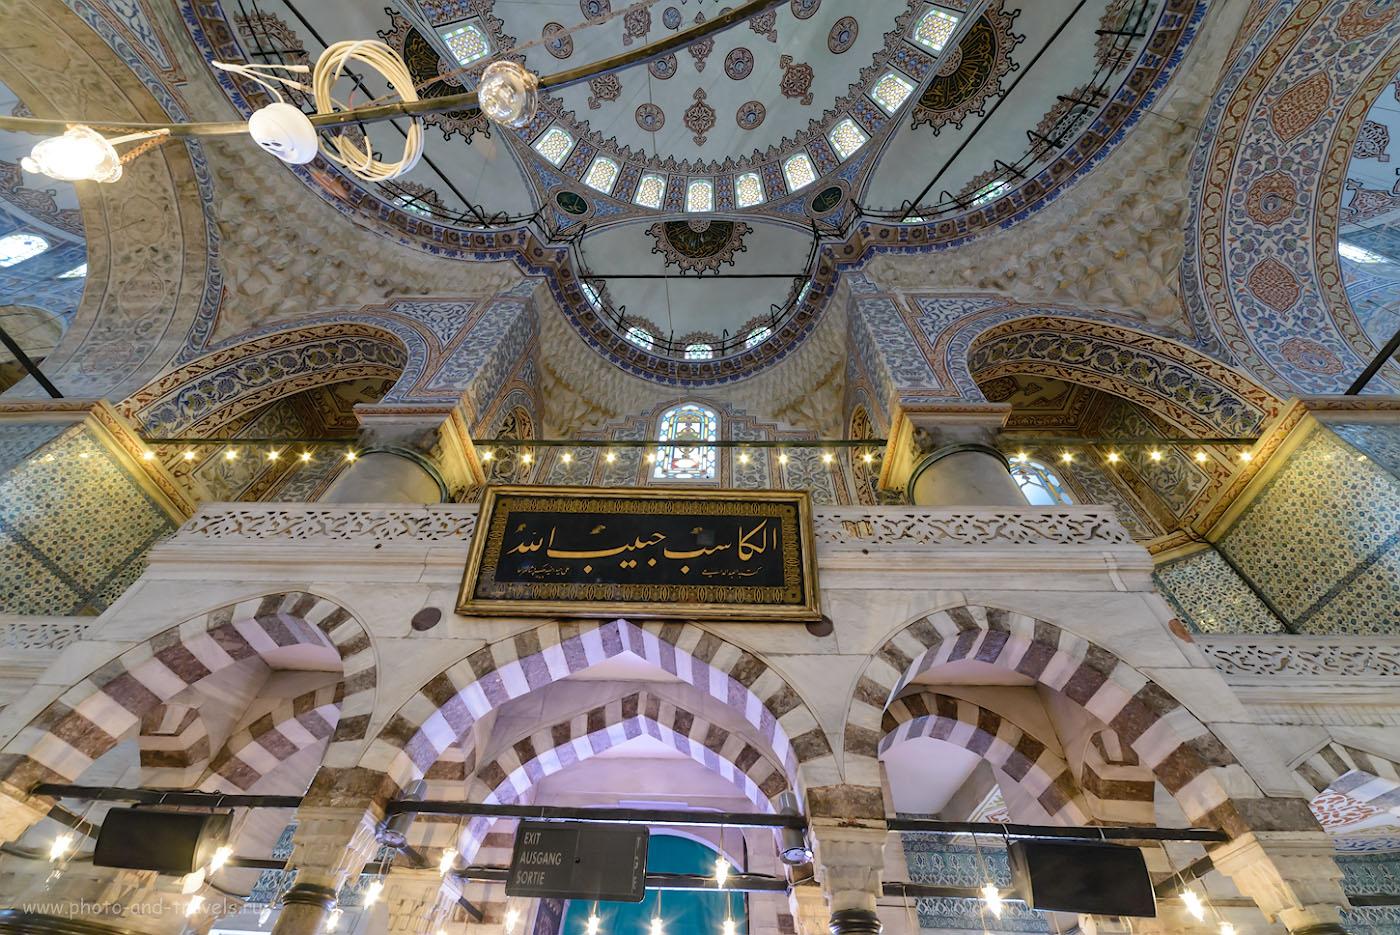 Фото 7. Мечеть Султанахмет называют Голубой из-за небесного цвета глазурованных изразцов. 1/20, 8.0, 3200, 14.